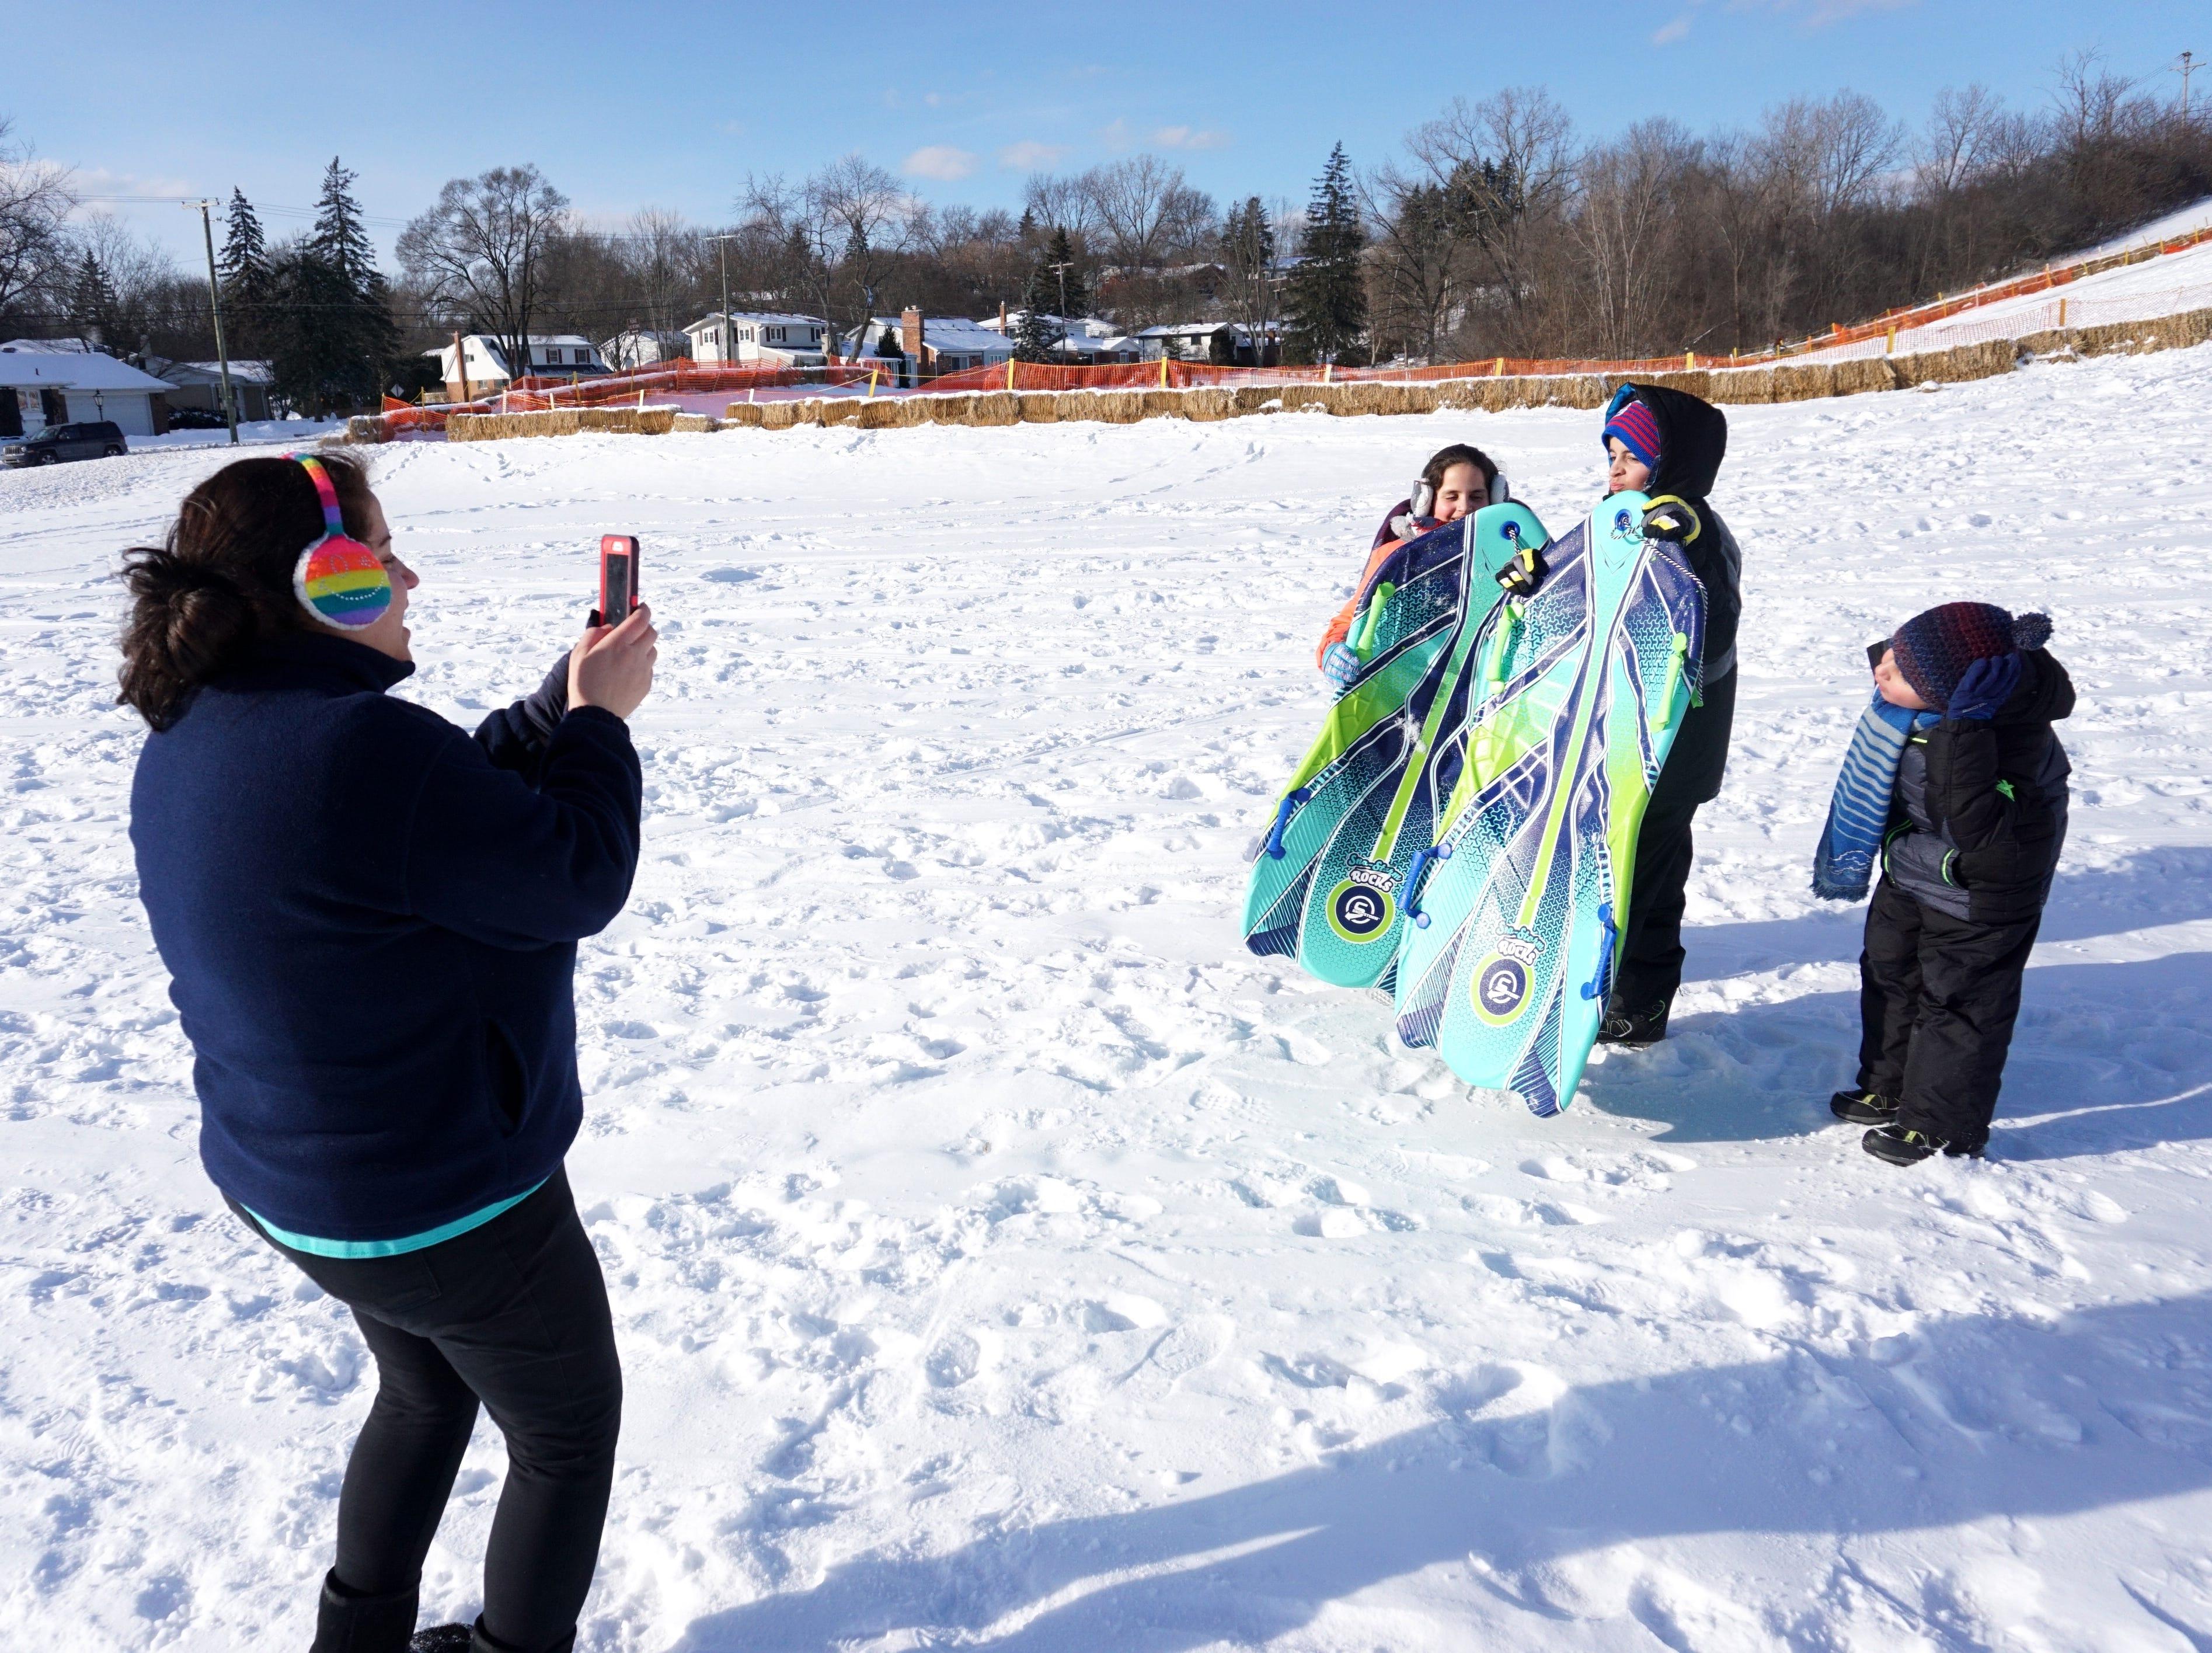 Dena Keriko gets a photo of her sledding kids Theresa, Thomas and Matthew on Thursday afternoon in Farmington.